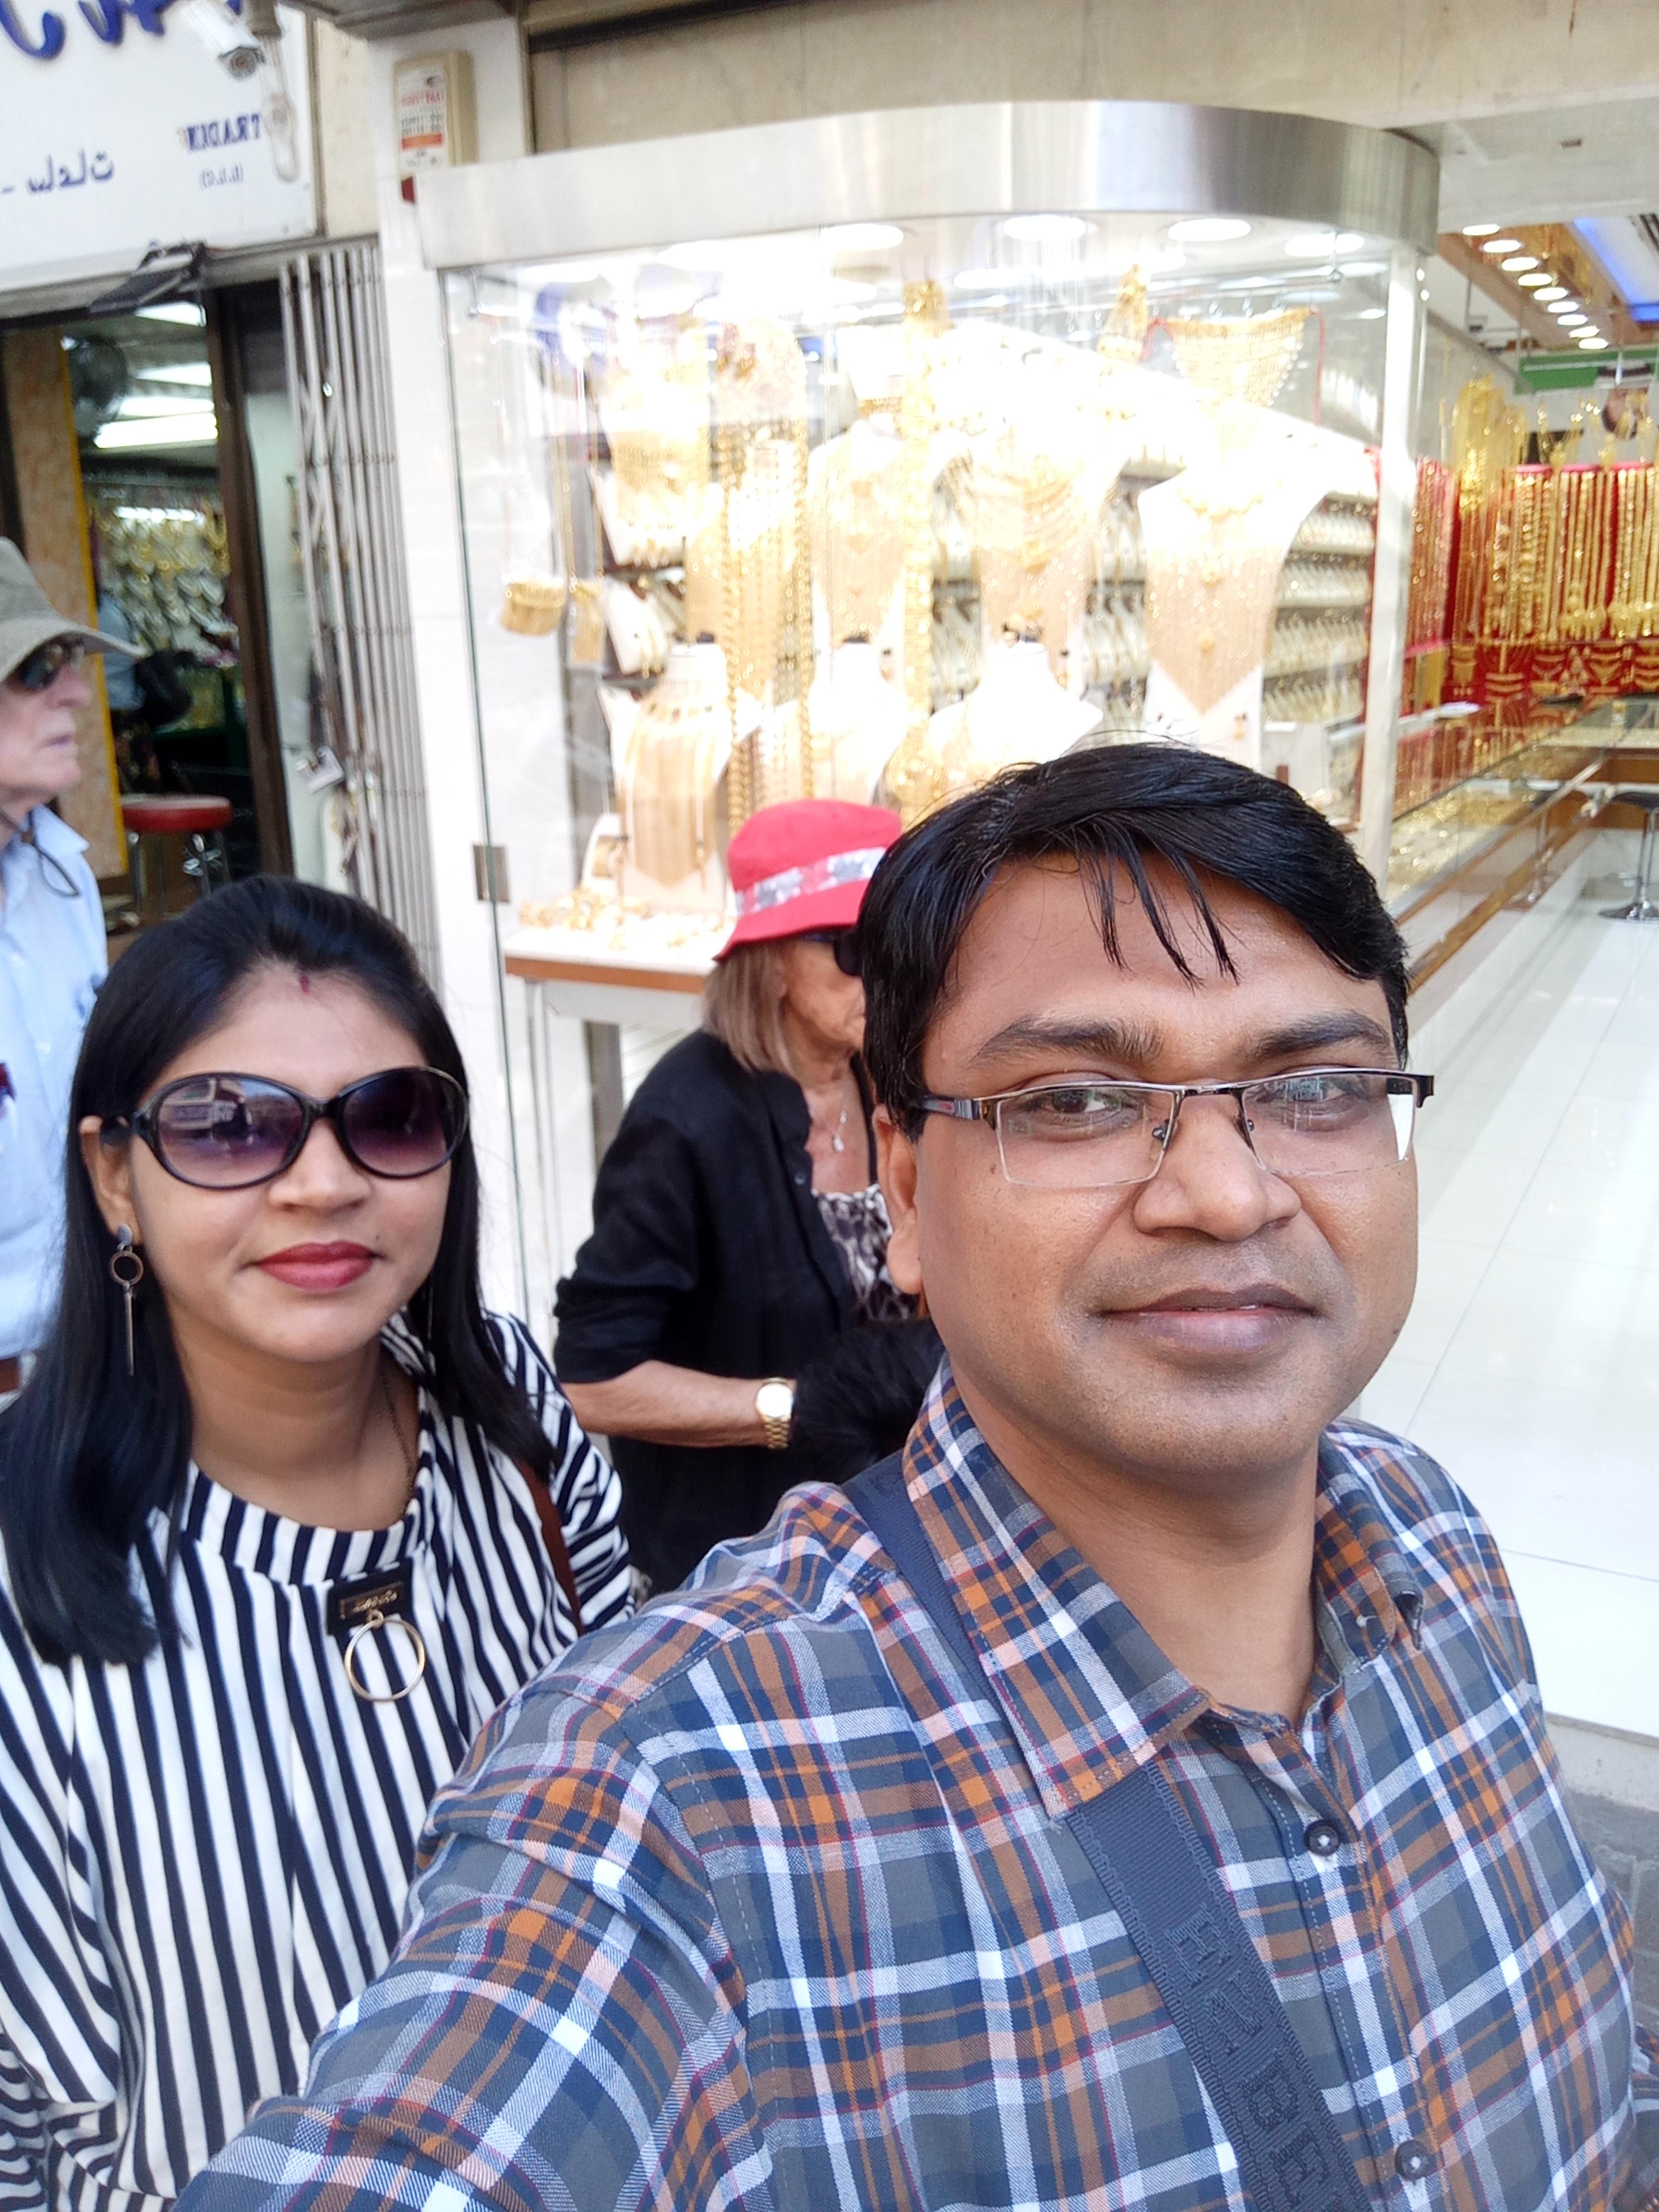 Nandkishor Khobragade